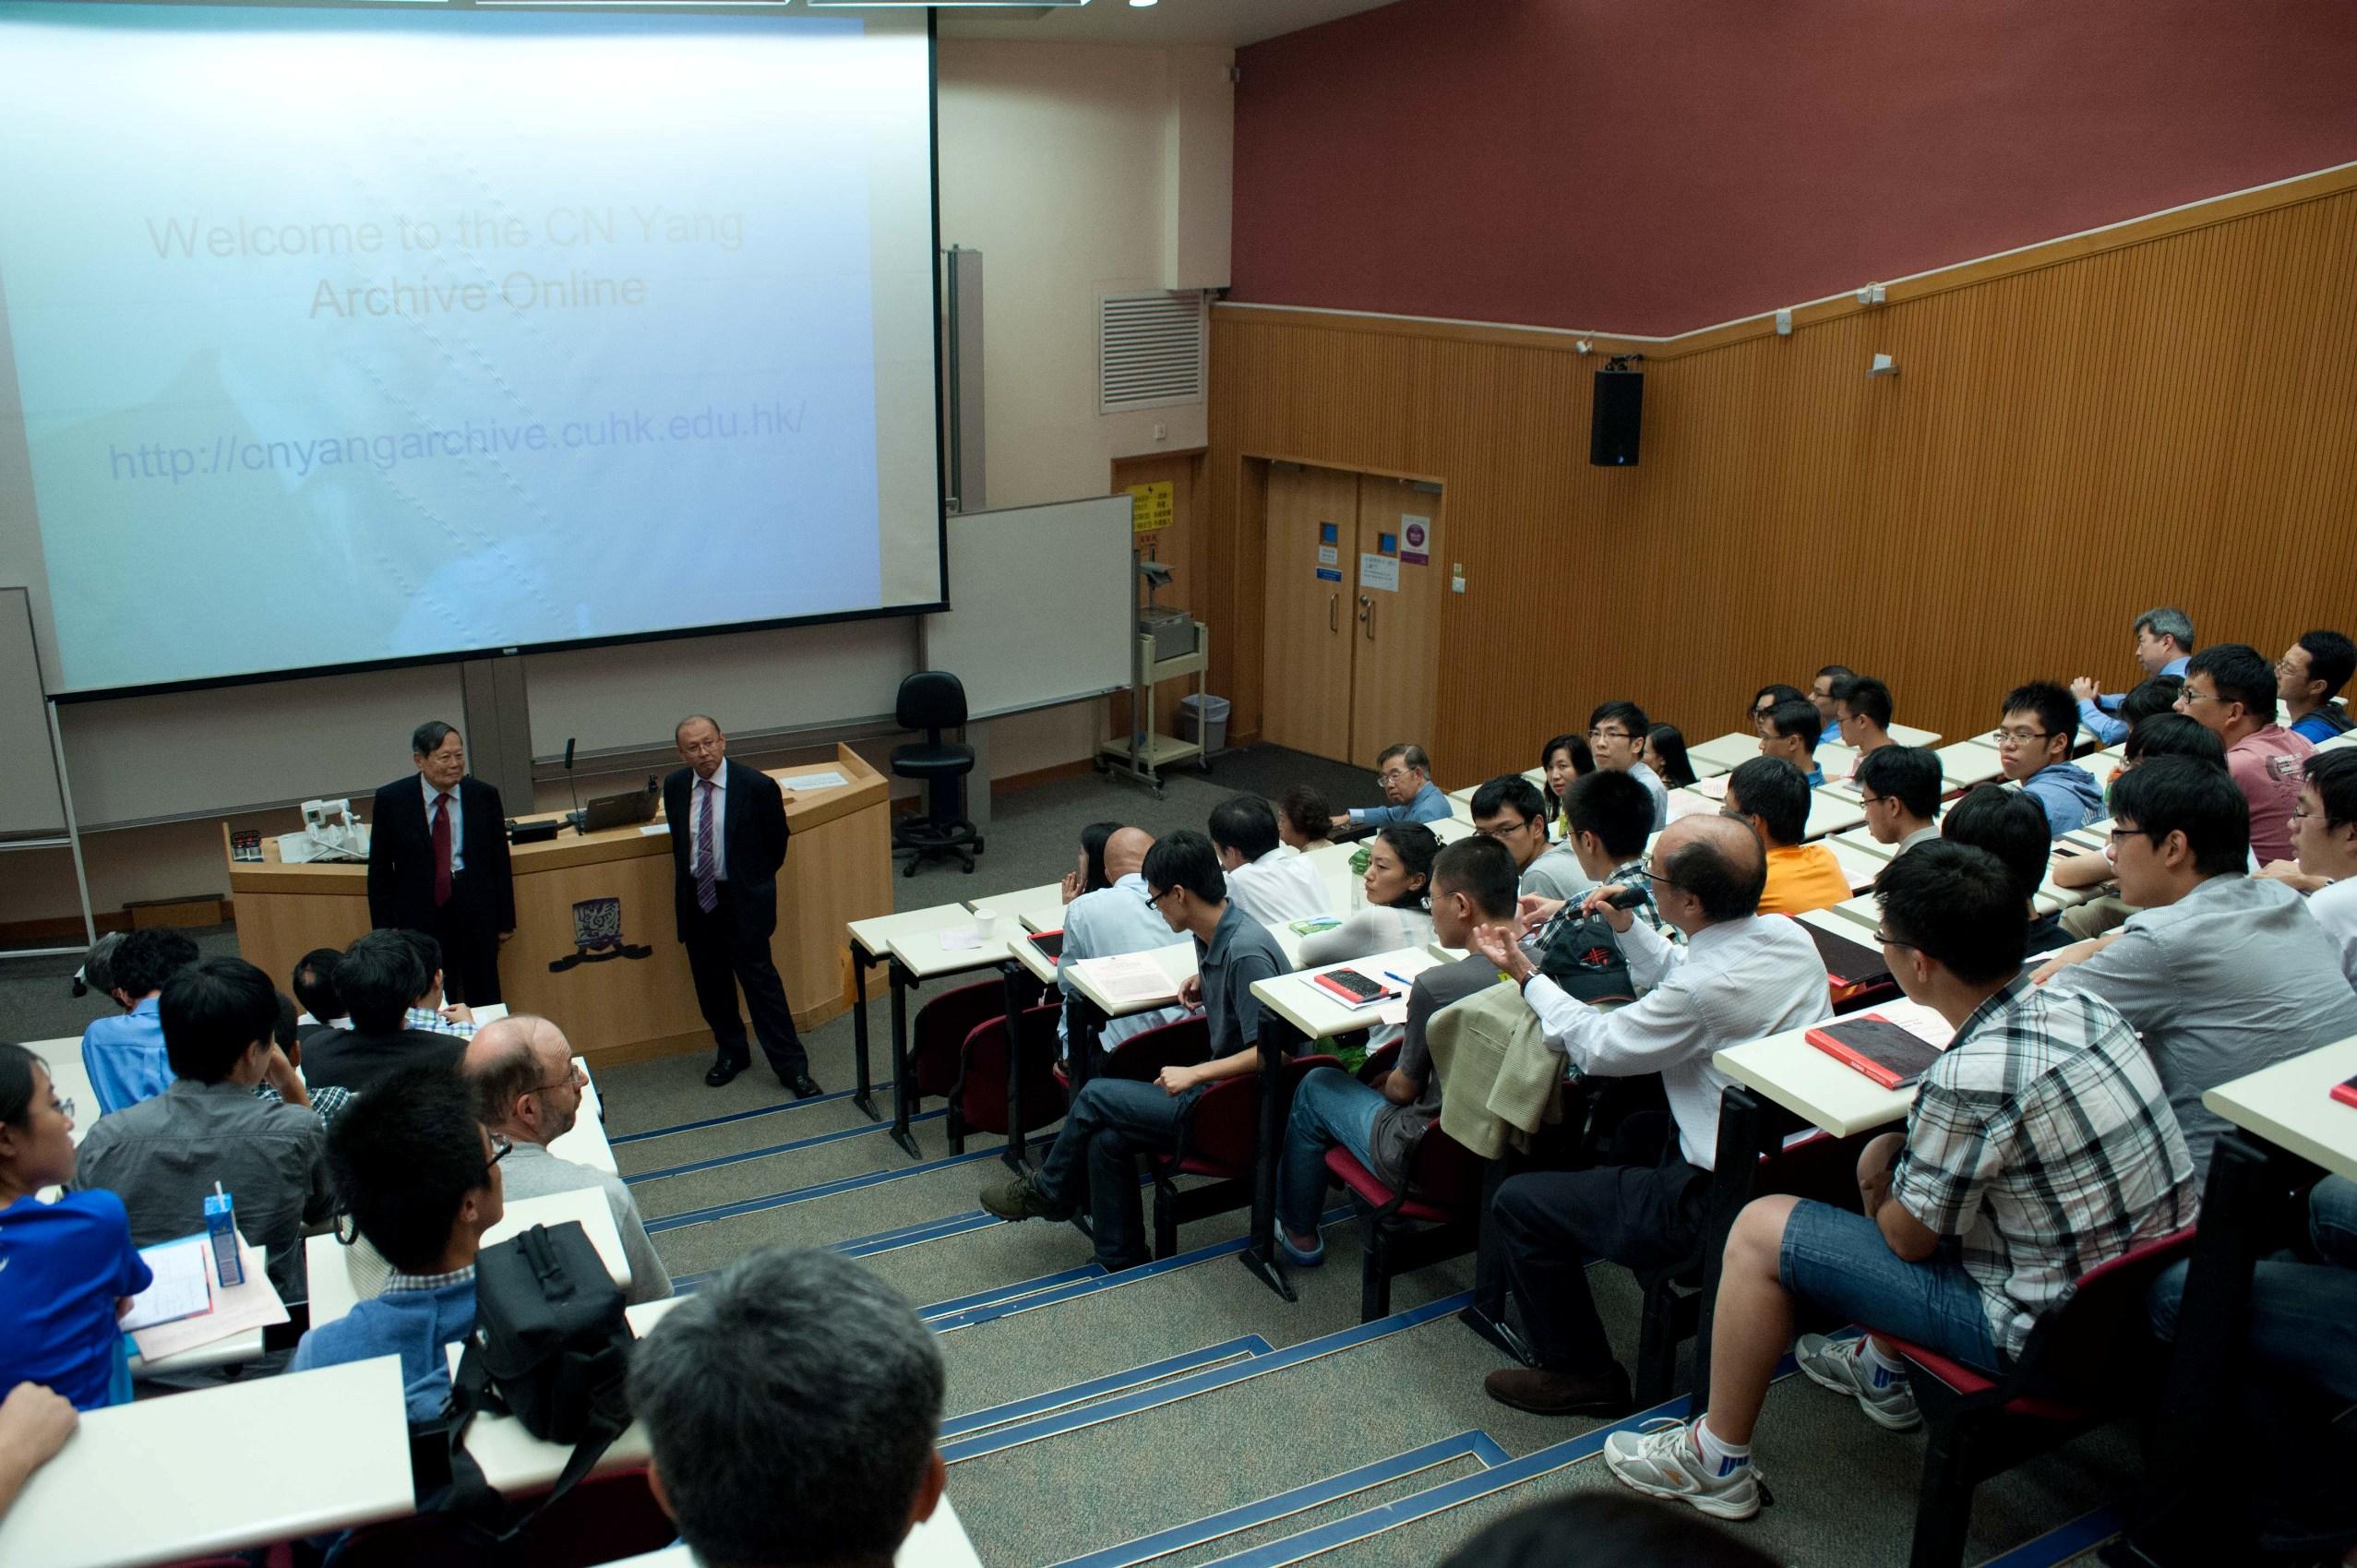 楊教授出席學術研討會,與師生交流。